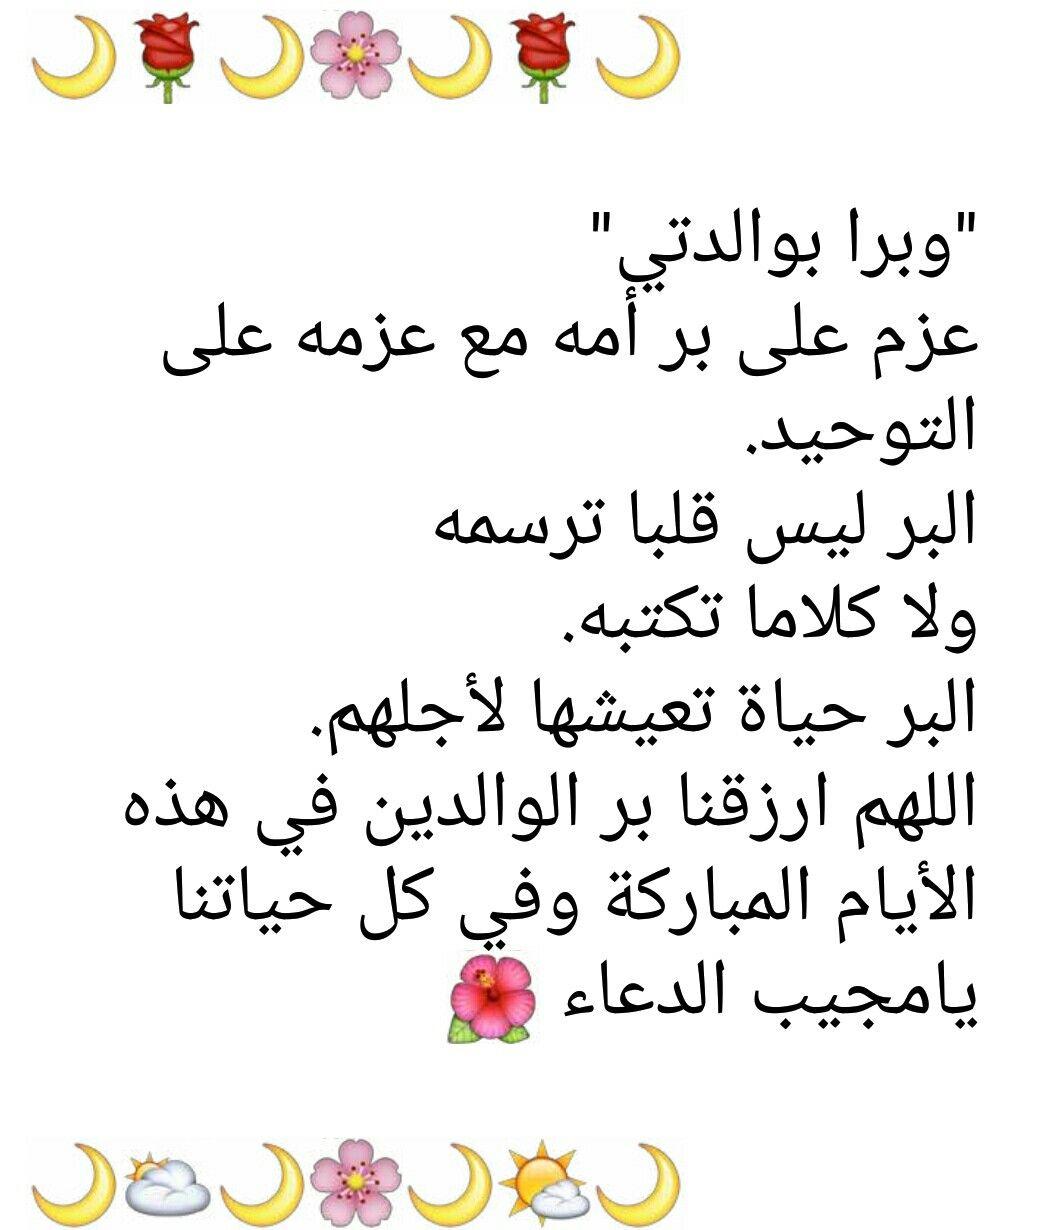 اللهم ارزقنا بر الوالدين Words Word Search Puzzle Math